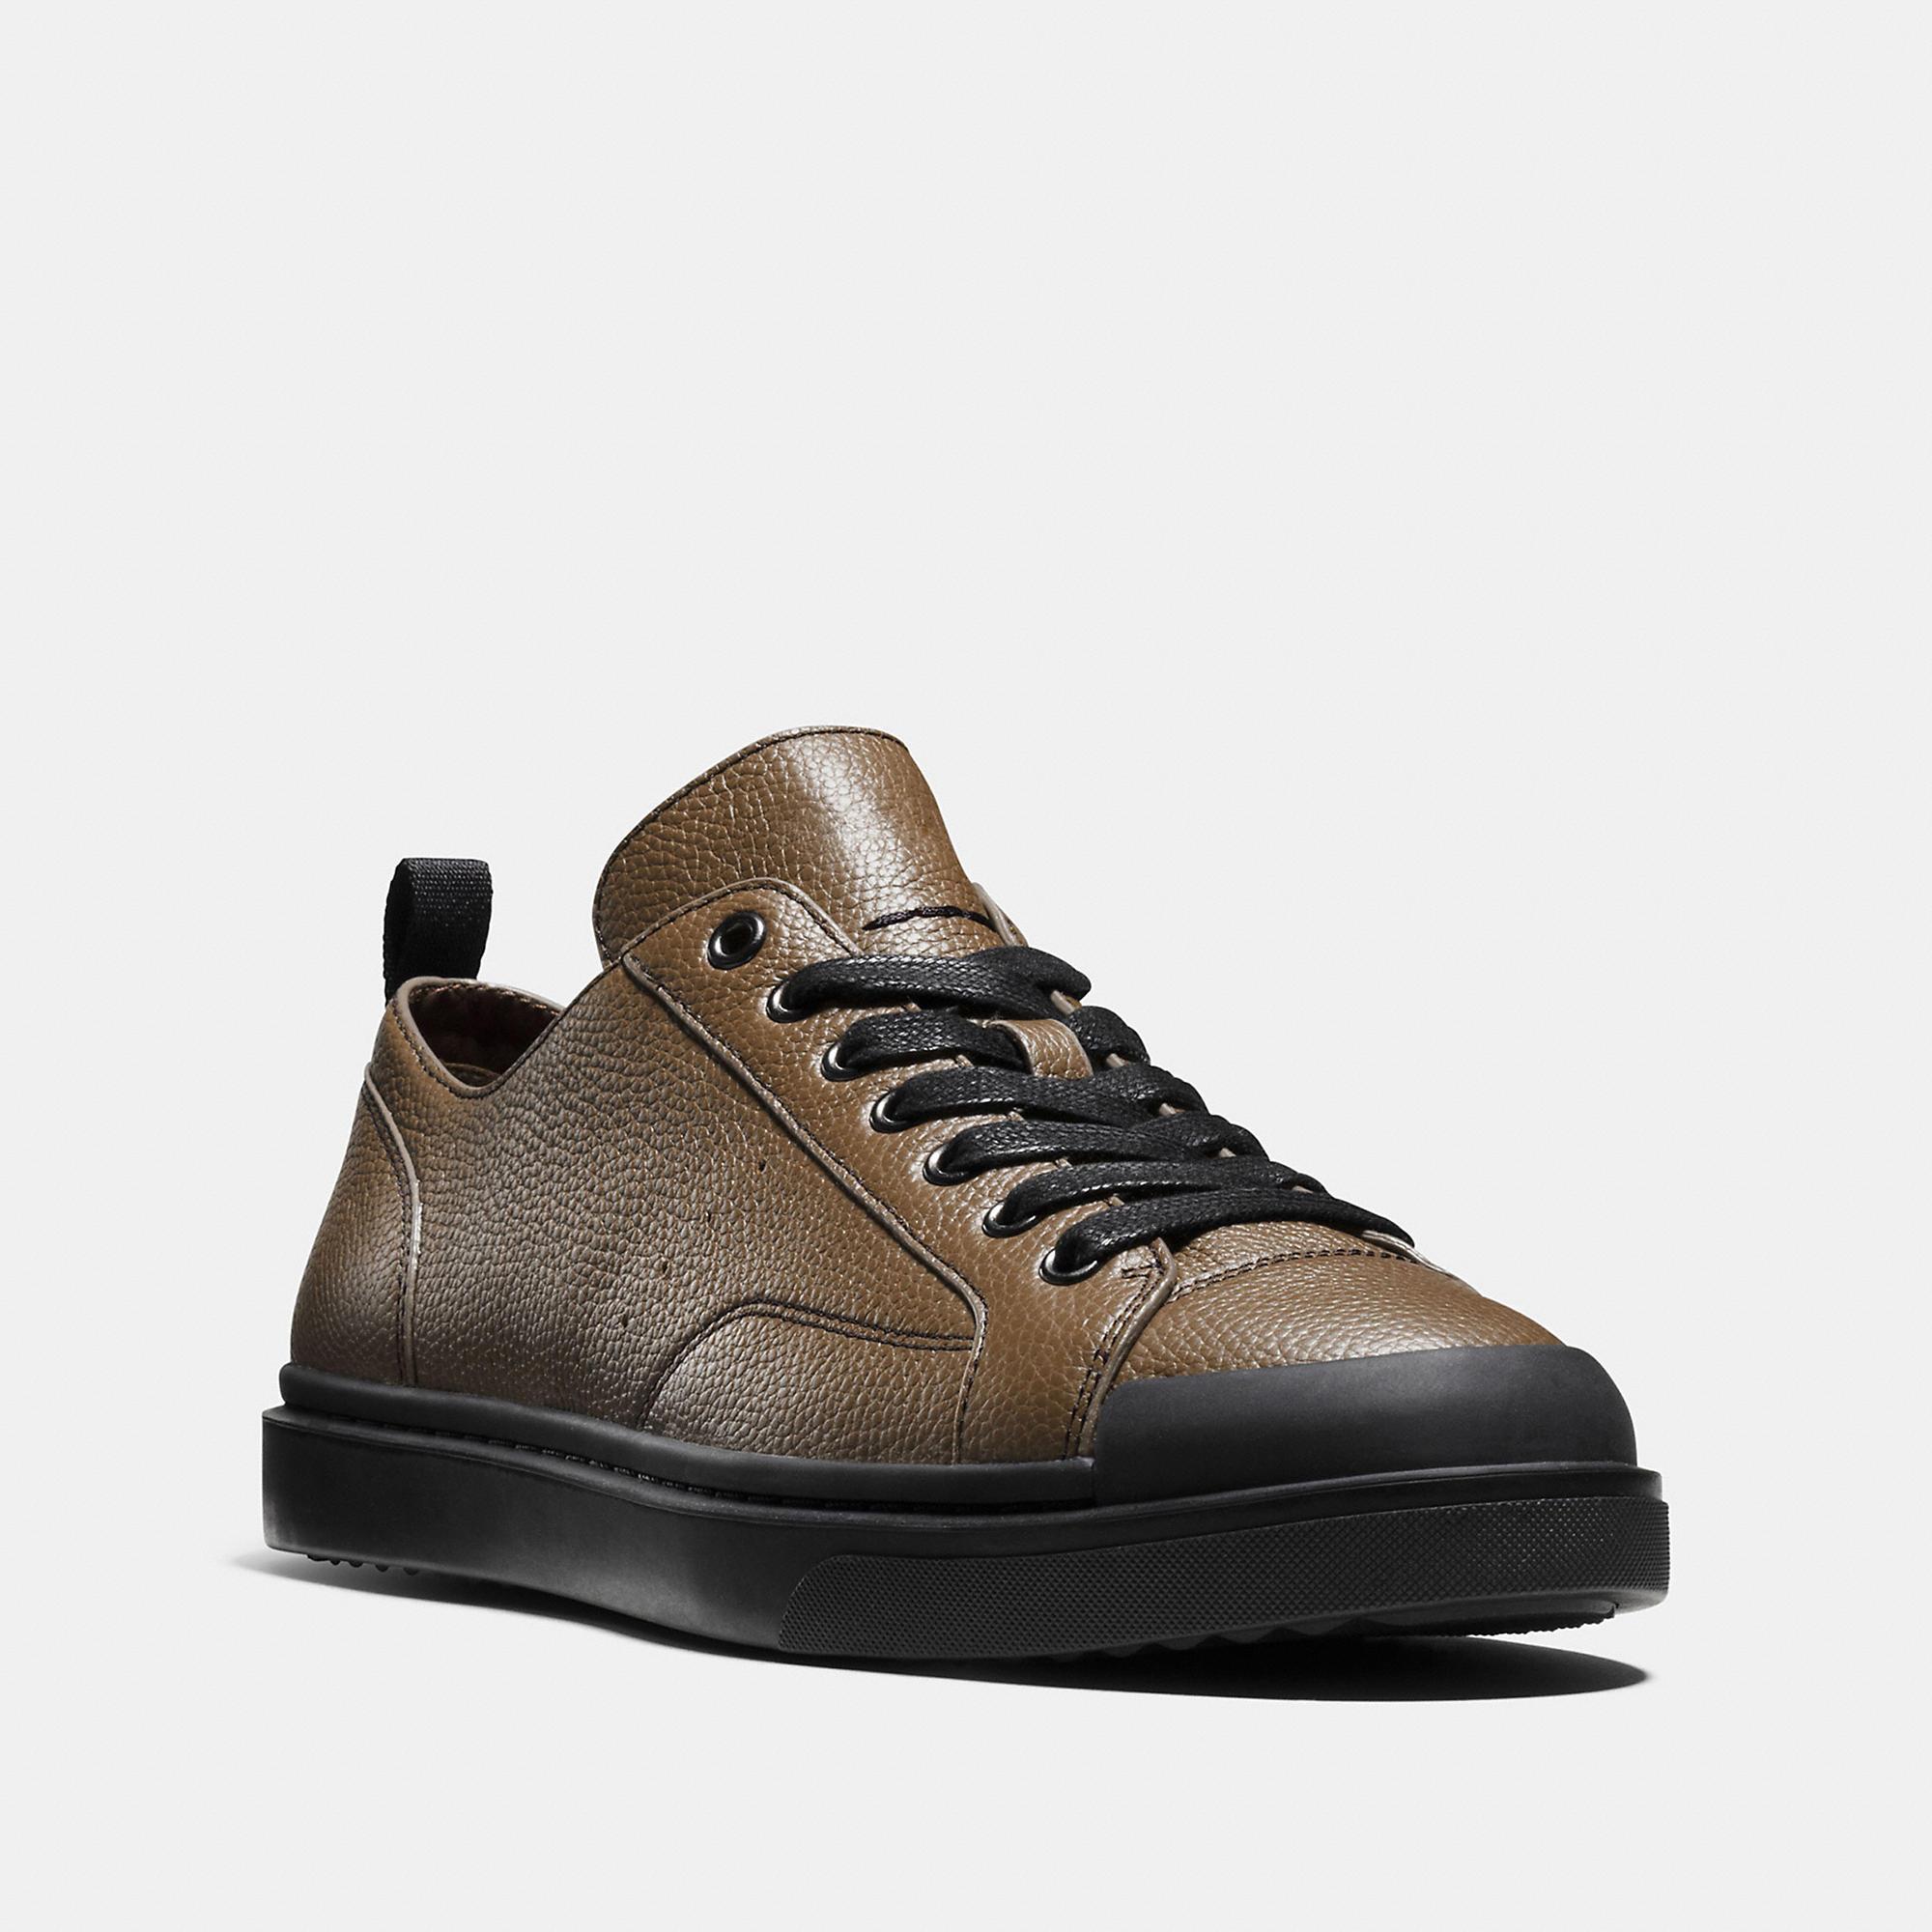 Coach C214 Low Top Sneaker